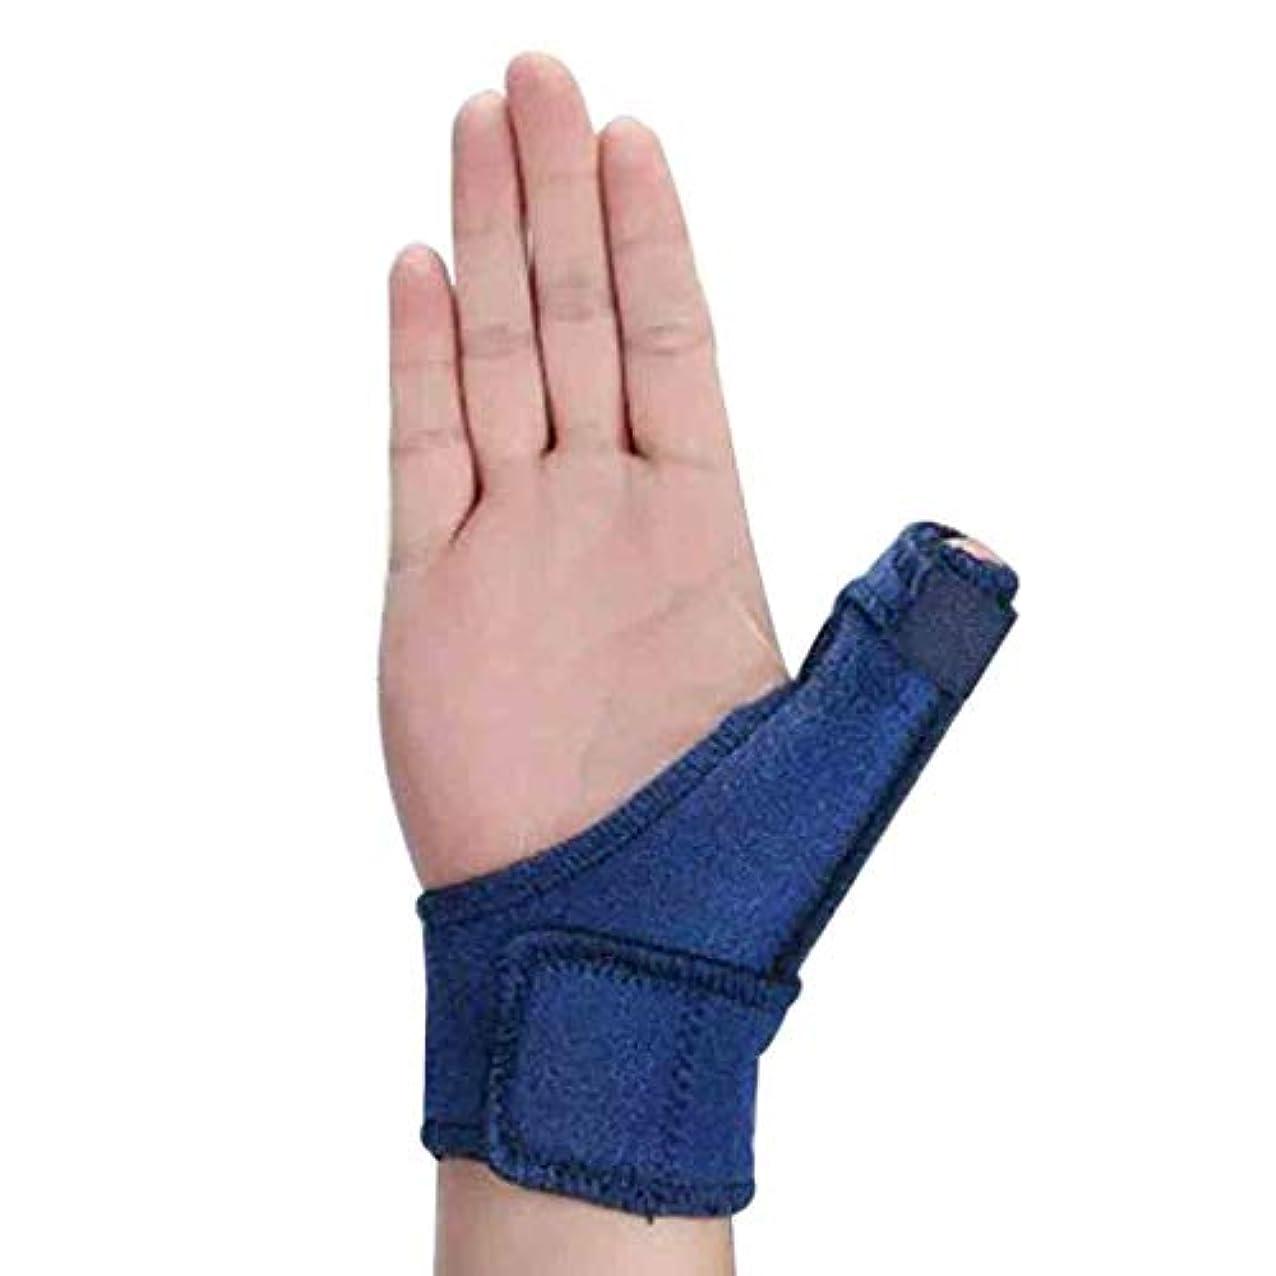 空中トピック逃れるトリガーのための調節可能な親指スプリント親指リストストラップブレース親指スプリント親指関節炎痛み緩和ブレース(1個、ユニセックス、左&右の手青) Roscloud@